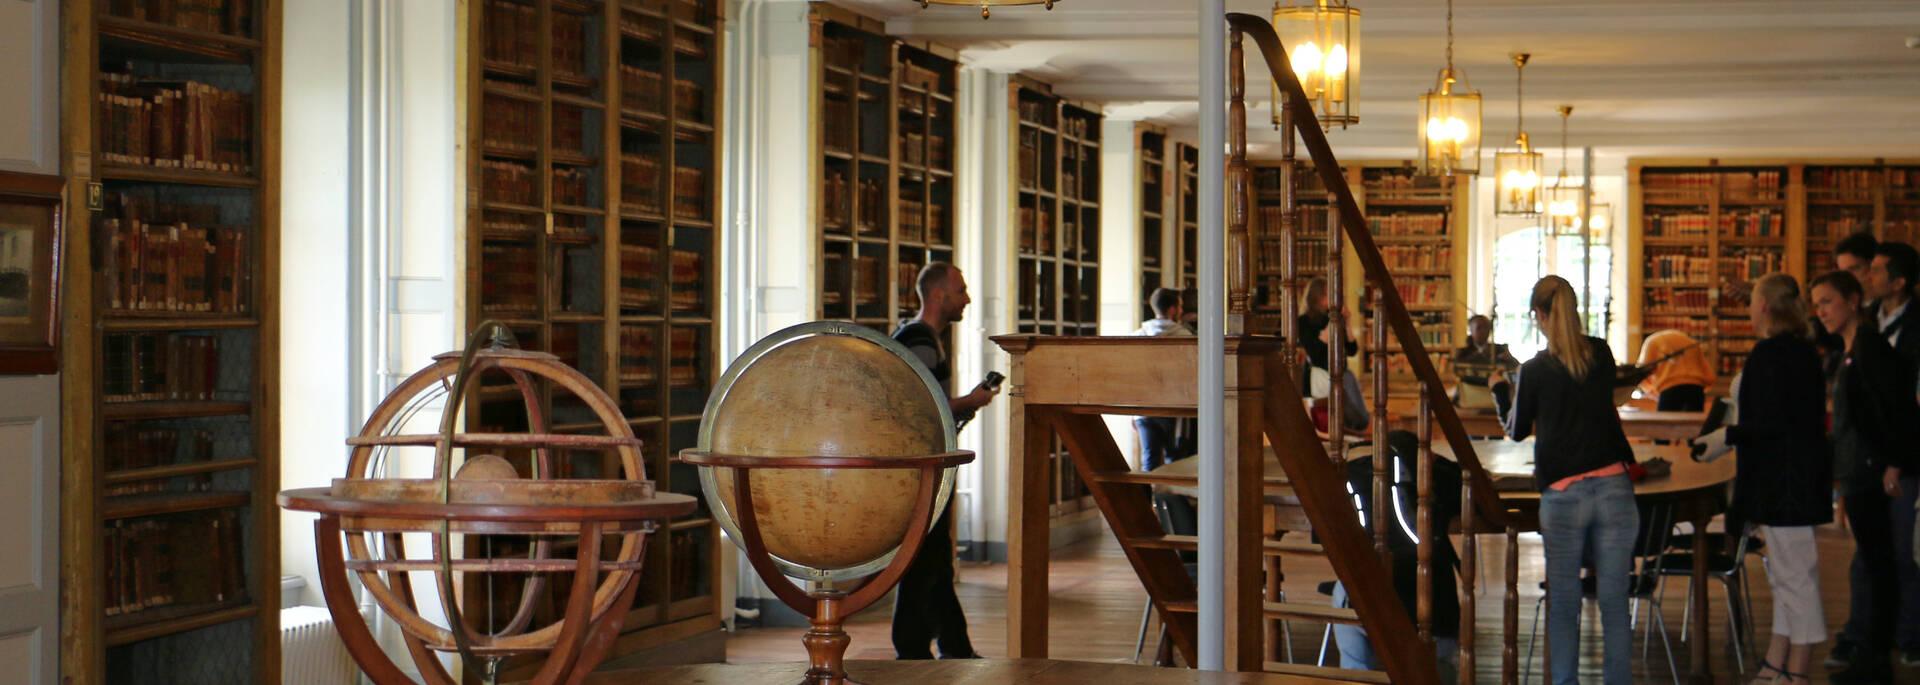 Impressive library of the School of Naval Medicine in Rochefort- © Office de tourisme Rochefort Océan